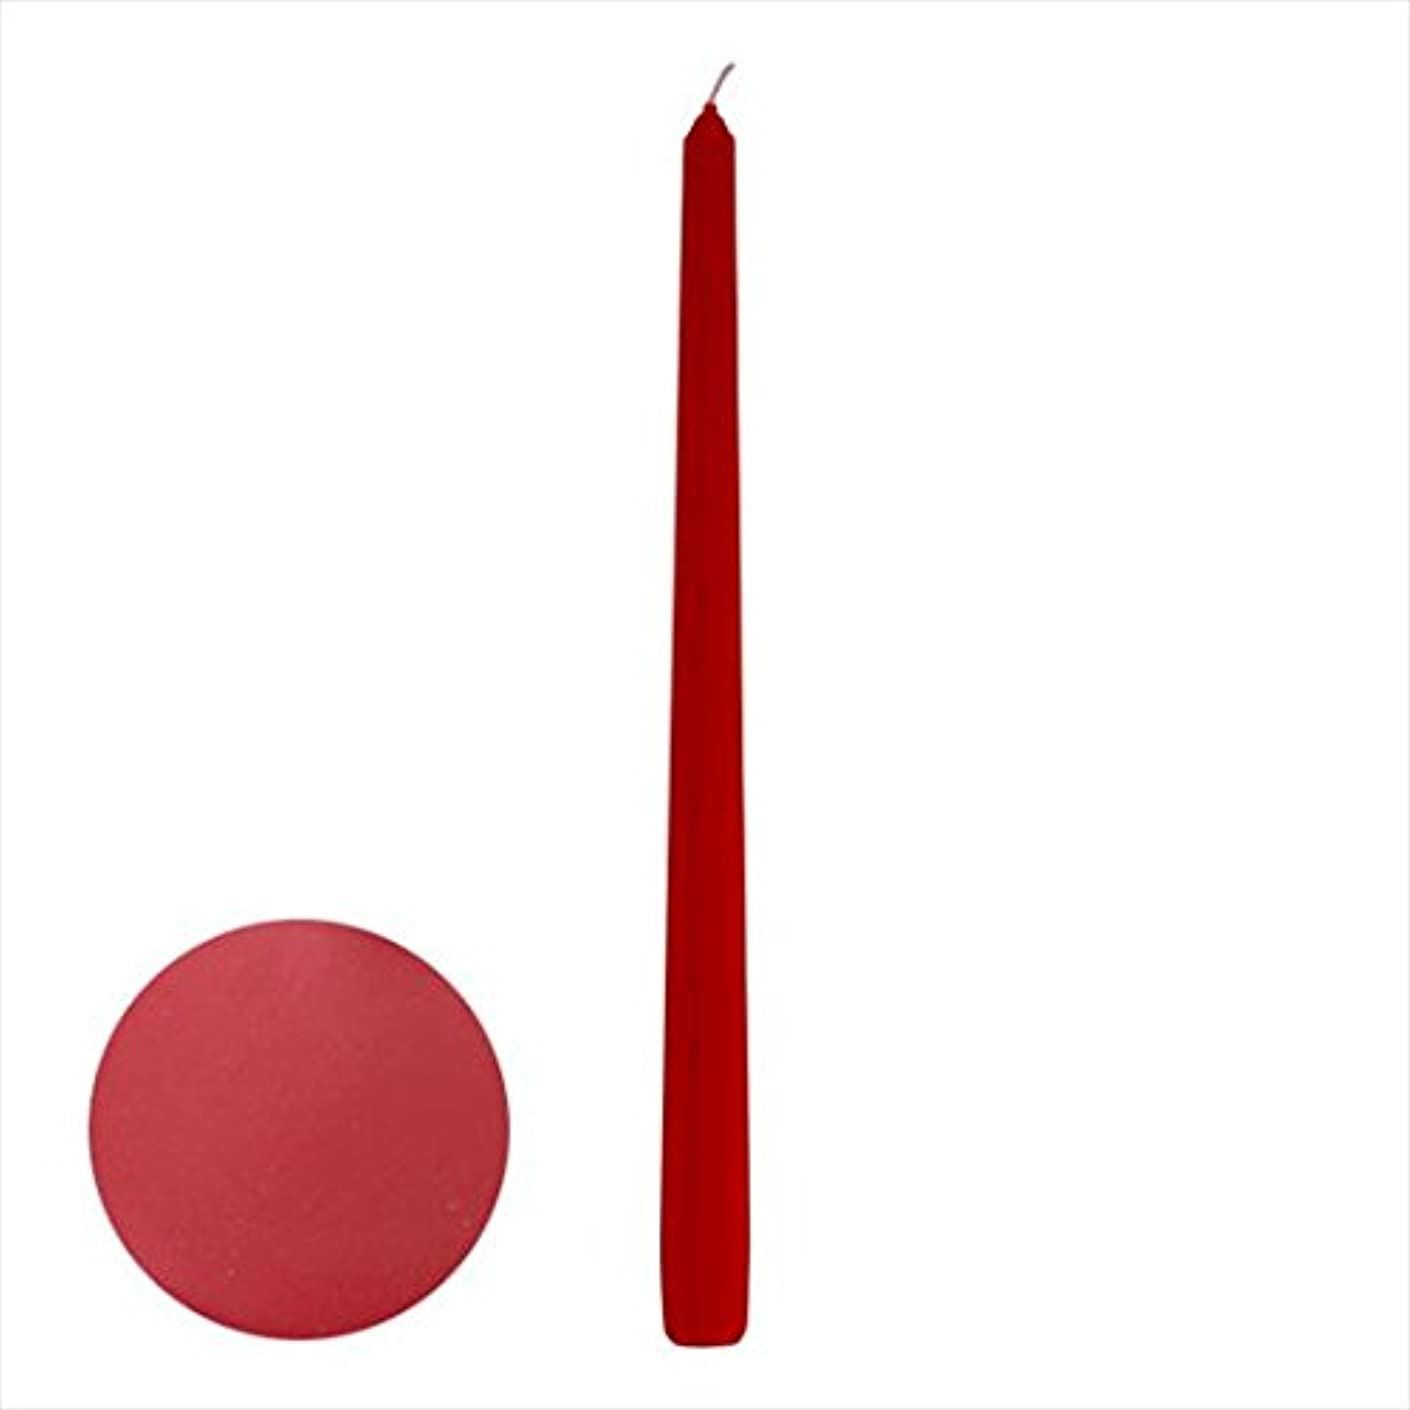 ヒギンズライフルくカメヤマキャンドル(kameyama candle) 12インチテーパー 「 ダークレッド 」 12本入り